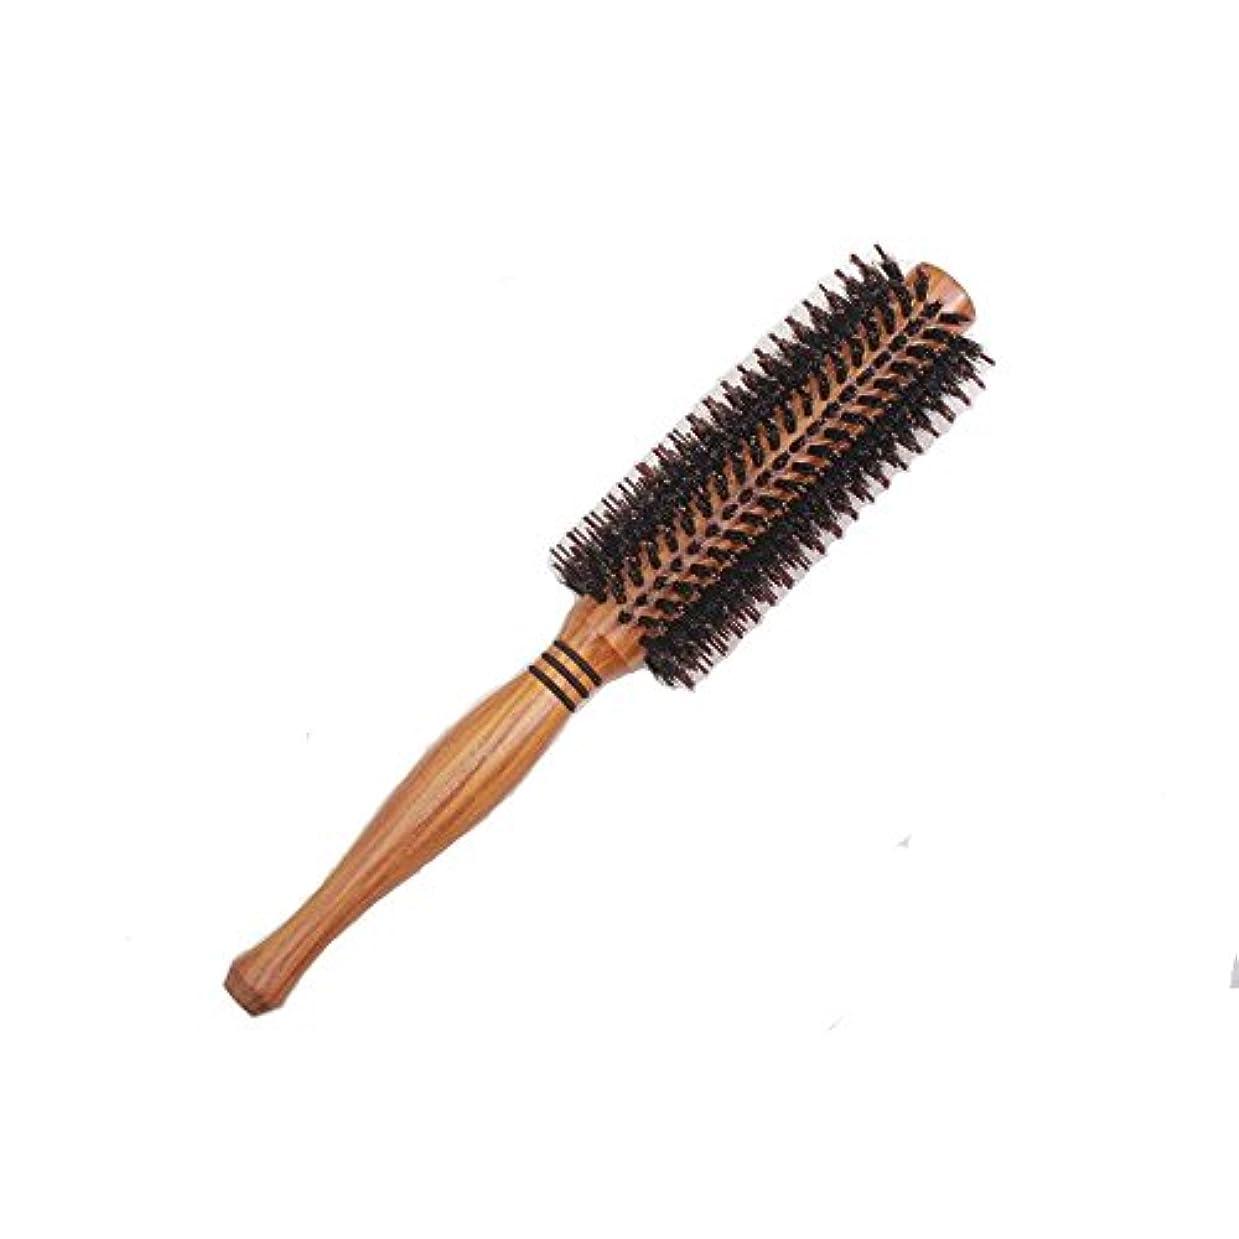 拒絶委任する吐き出す天然ロールブラシ 豚毛 耐熱仕様 ブロー カール 巻き髪 ヘア ブラシ ロール